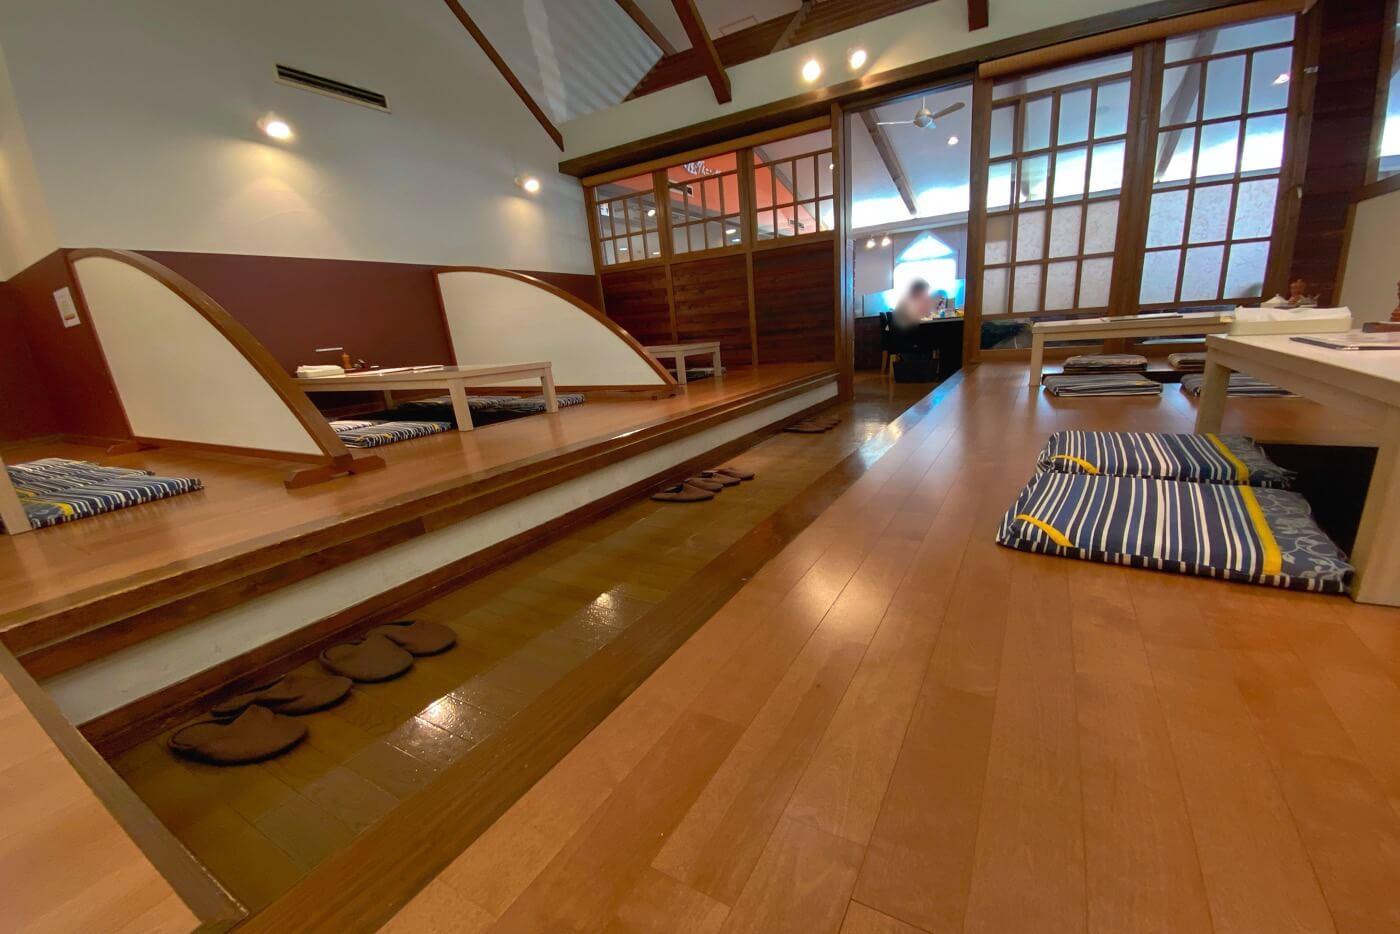 俵屋ダイニング和 内観 掘りごたつ座敷